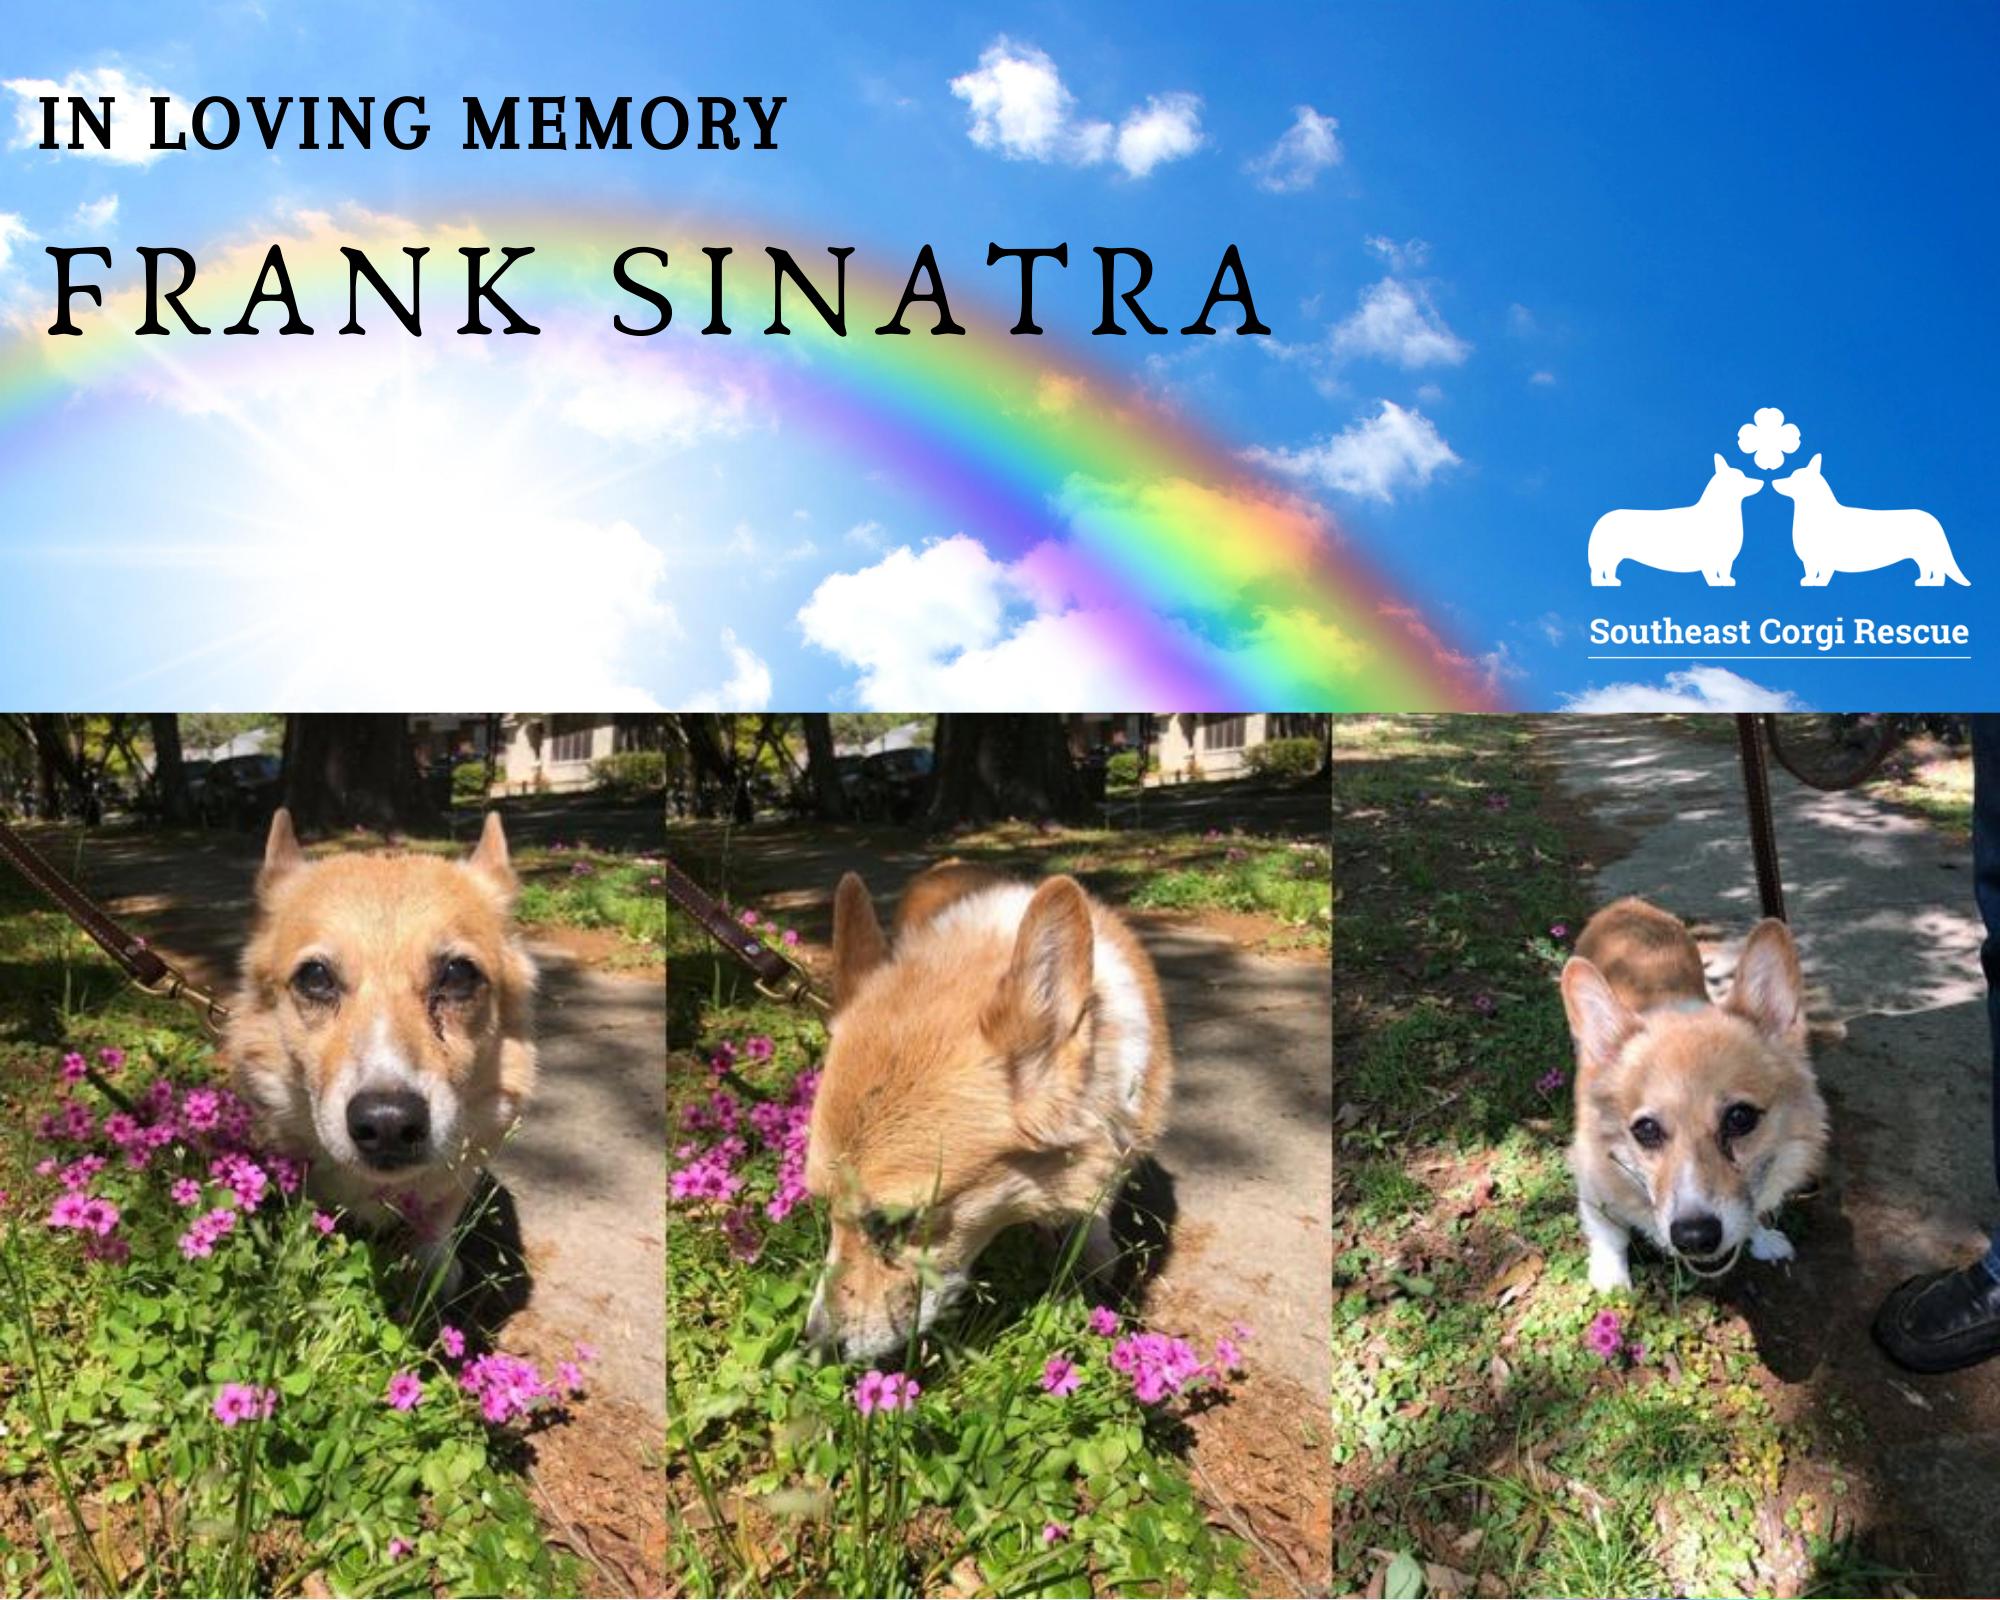 In loving memory - Frank Sinatra